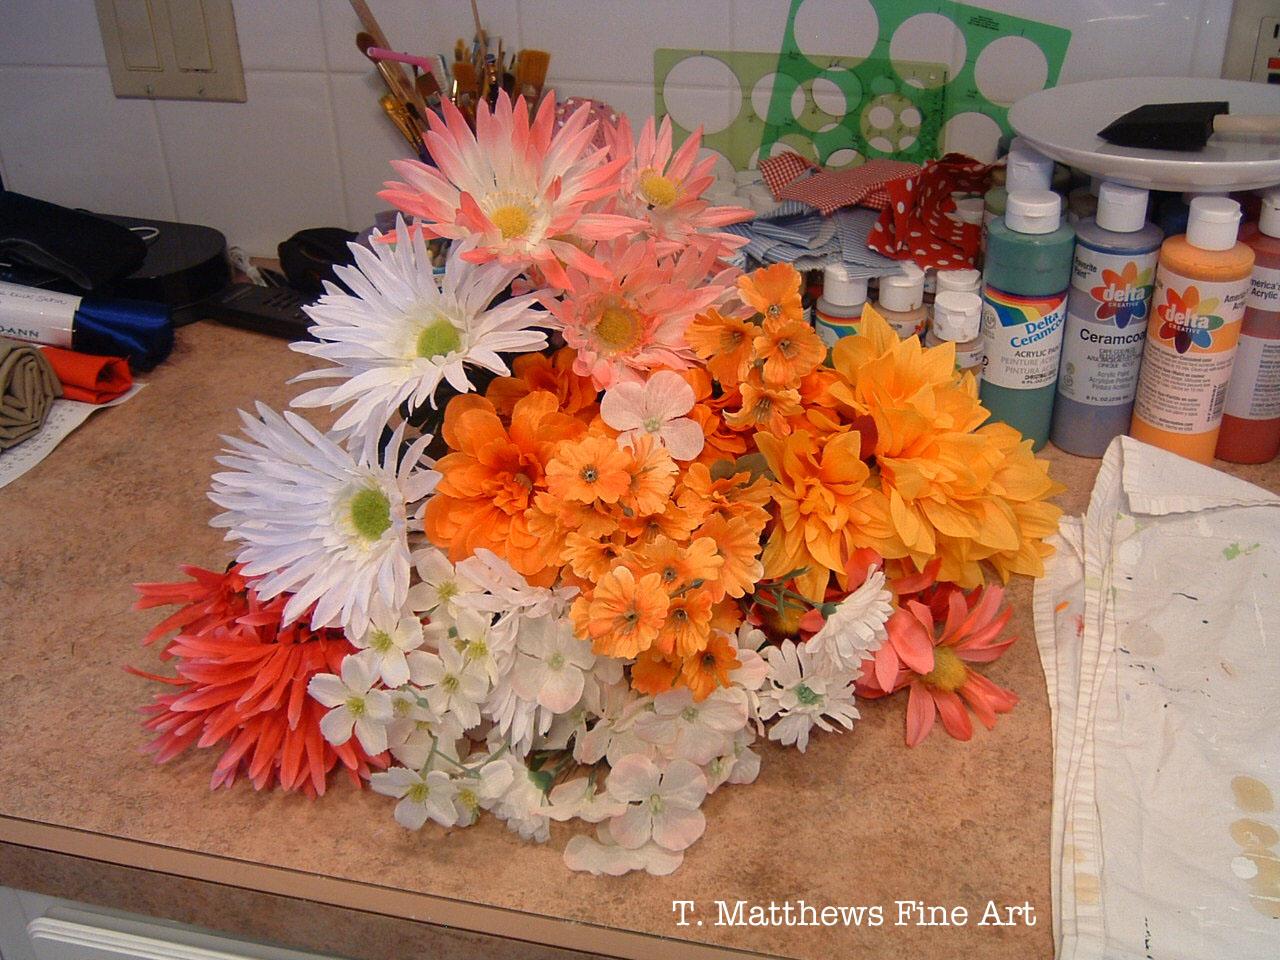 T. Matthews Fine Art: New Hair Flowers